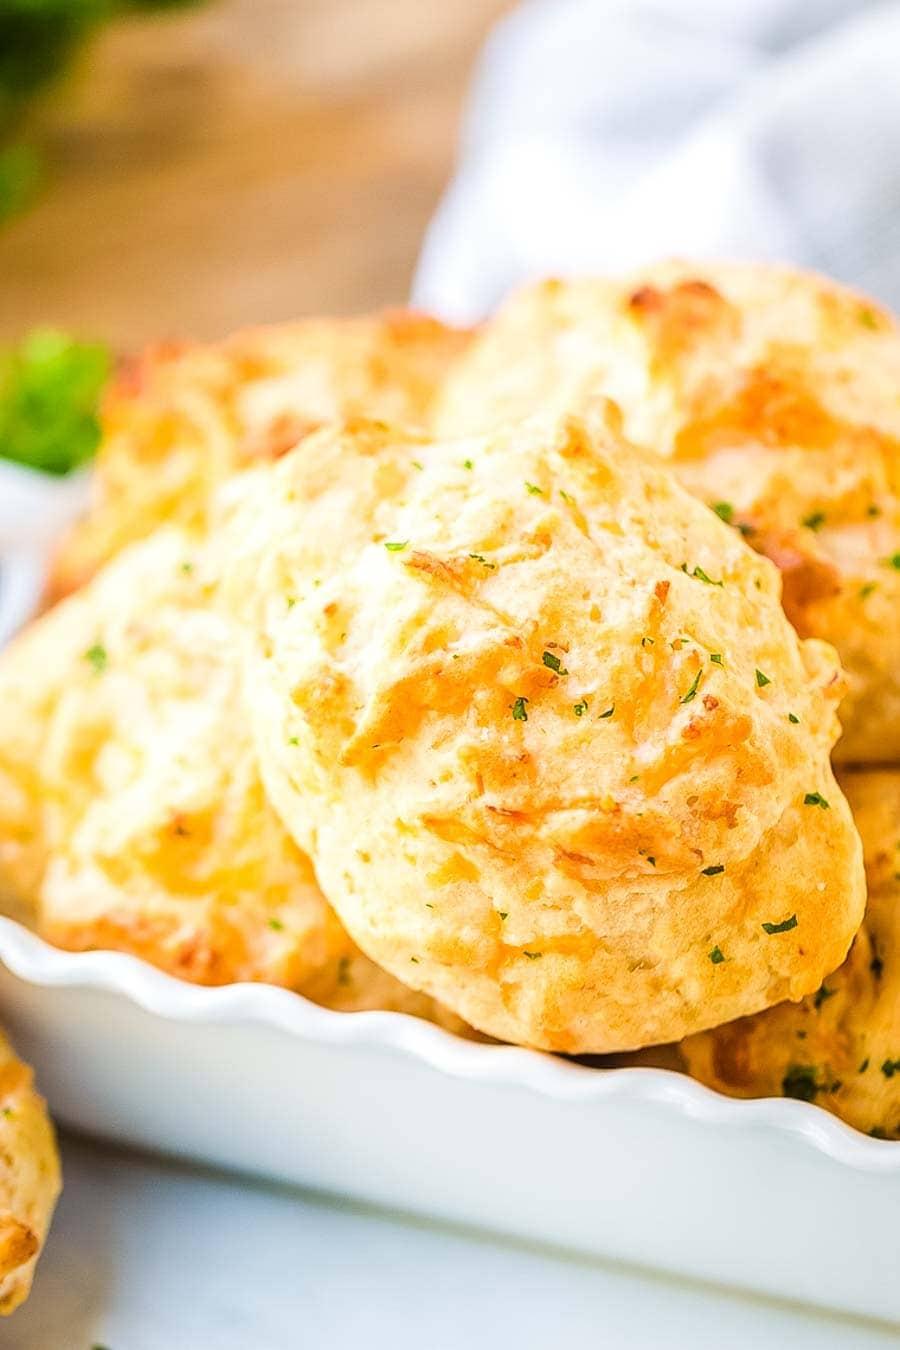 Cheddar Bay Biscuits recipe prepared